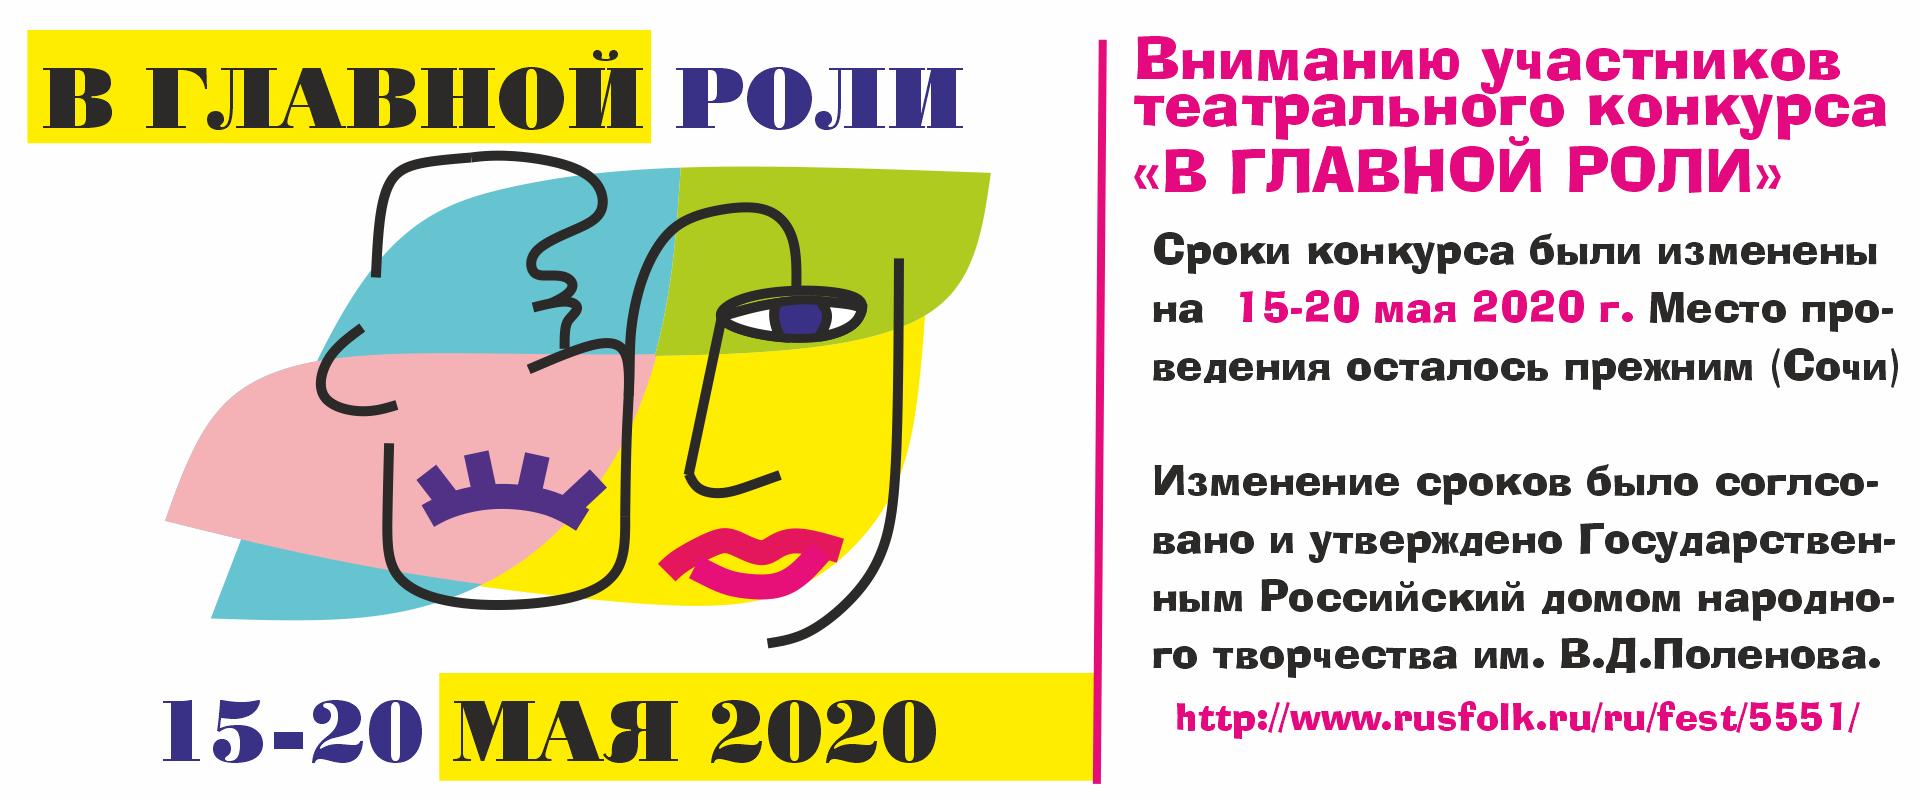 Изменение сроков проведения театрального конкурса В ГЛАВНОЙ РОЛИ (май 2020 г. Сочи)